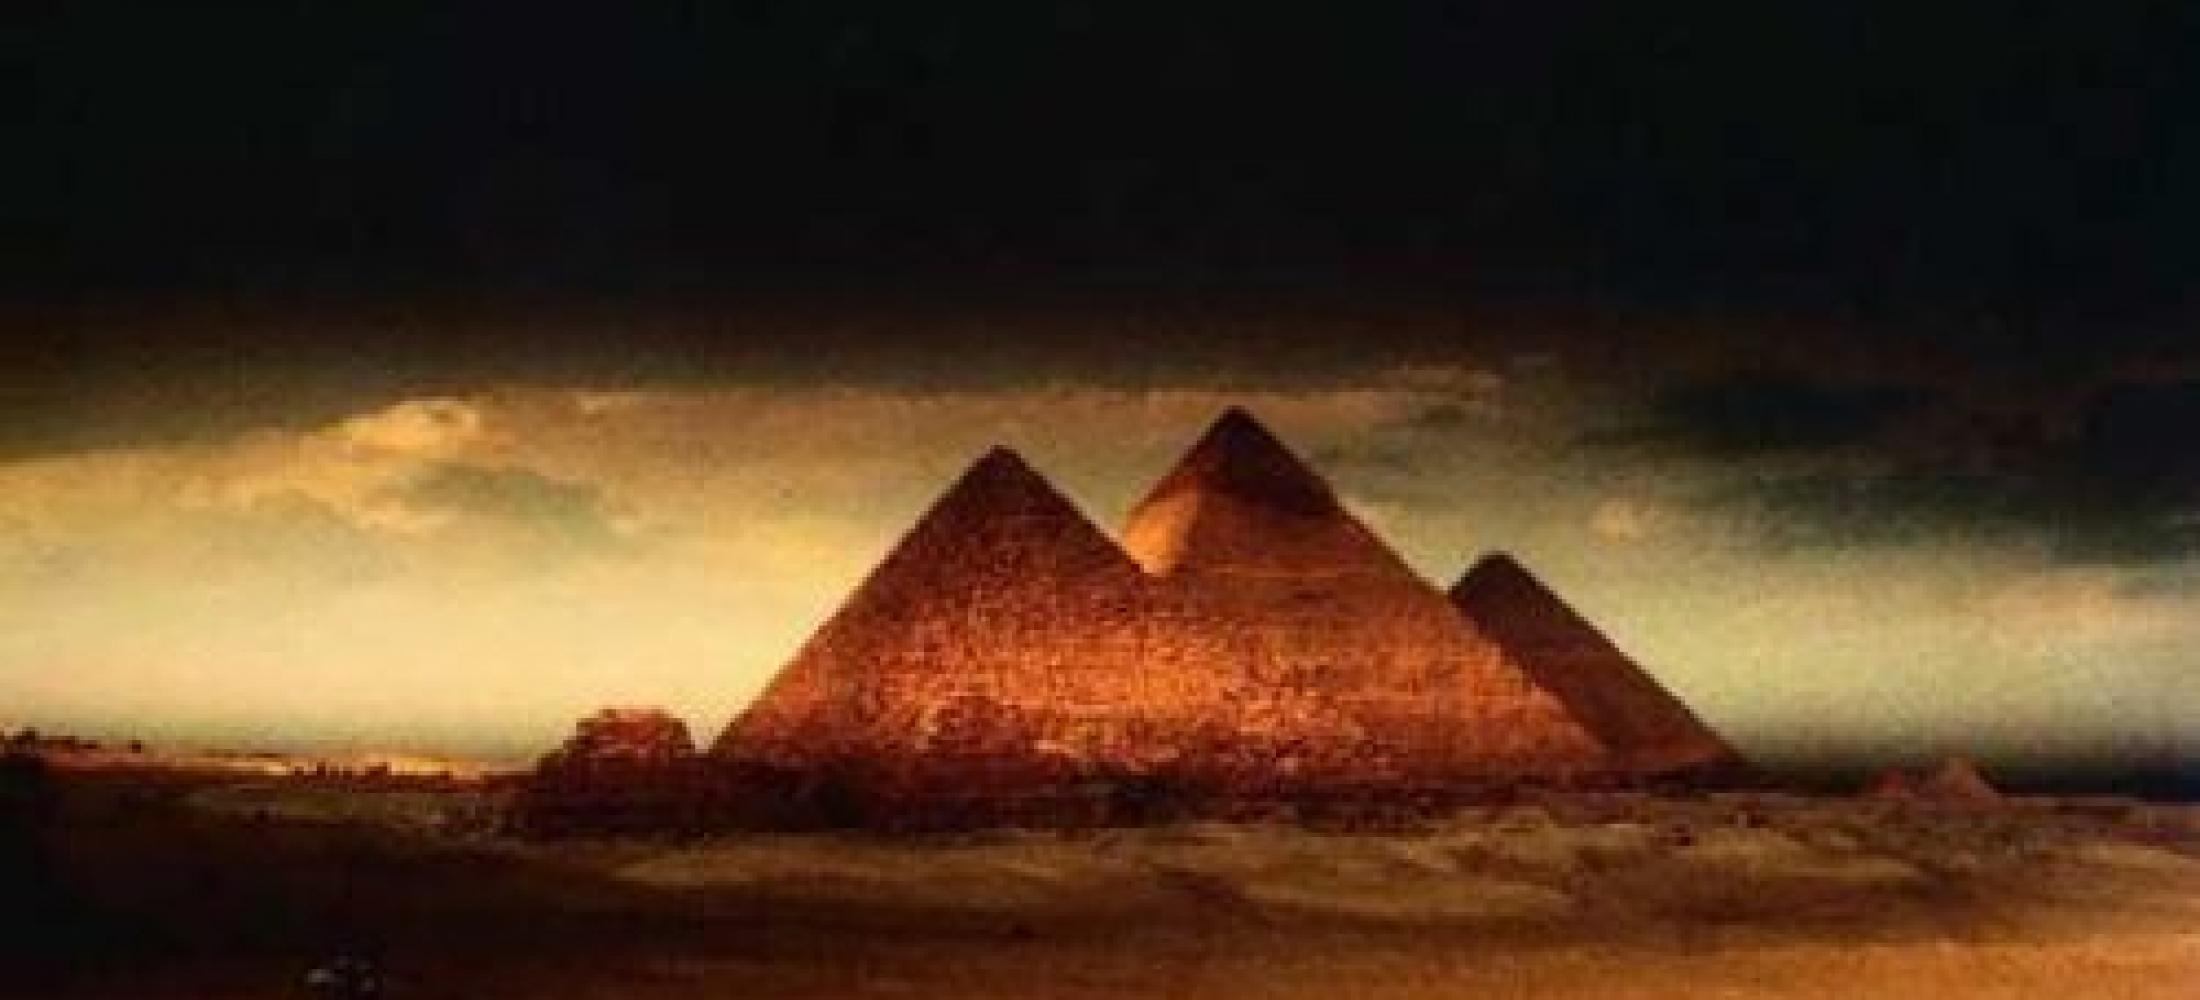 Миф о сотворении мира (Египетские мифы)